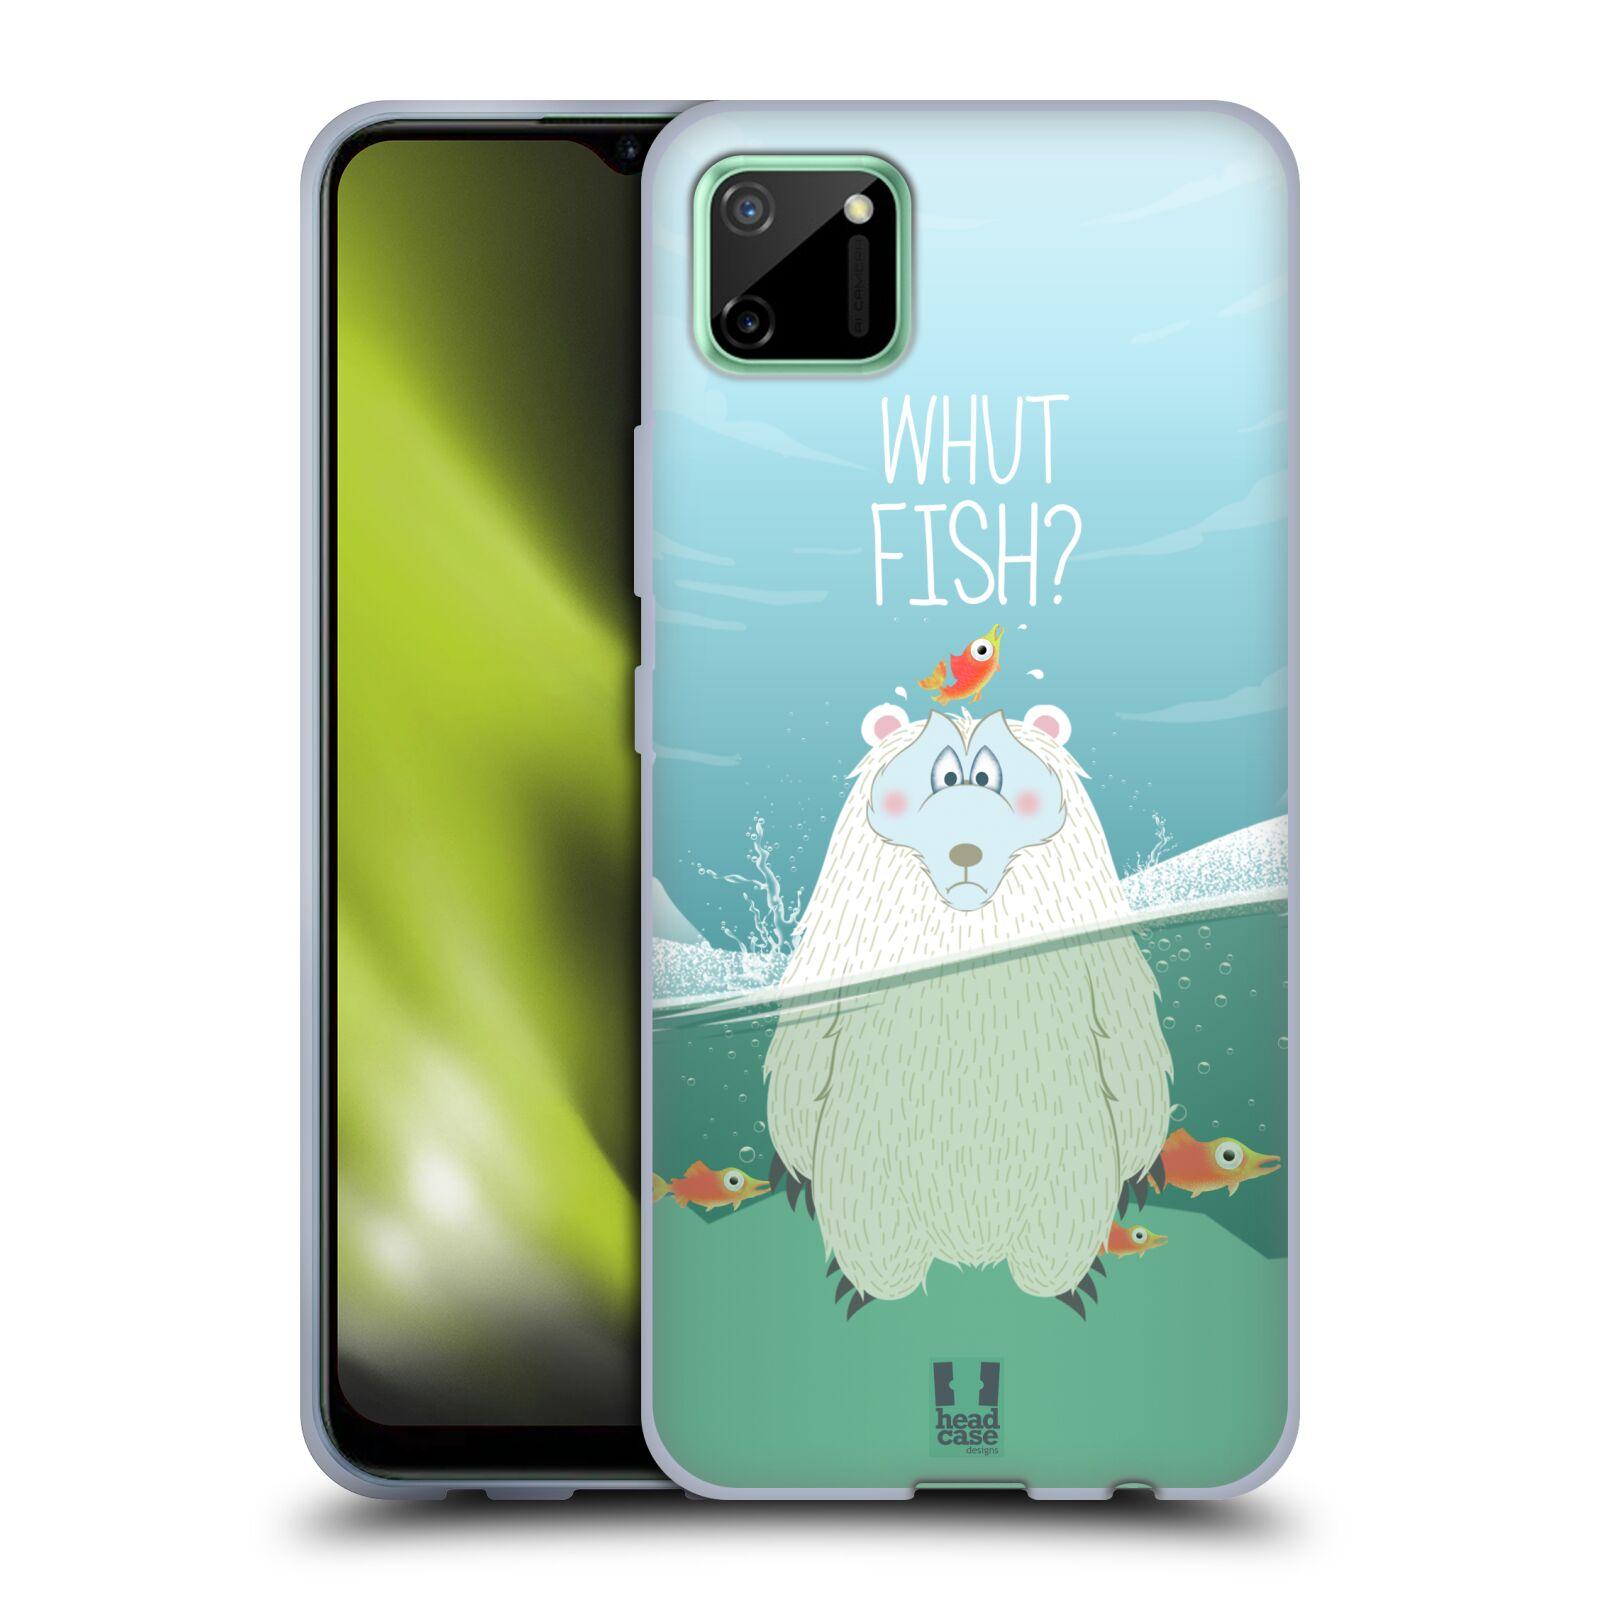 Silikonové pouzdro na mobil Realme C11 - Head Case - Medvěd Whut Fish?